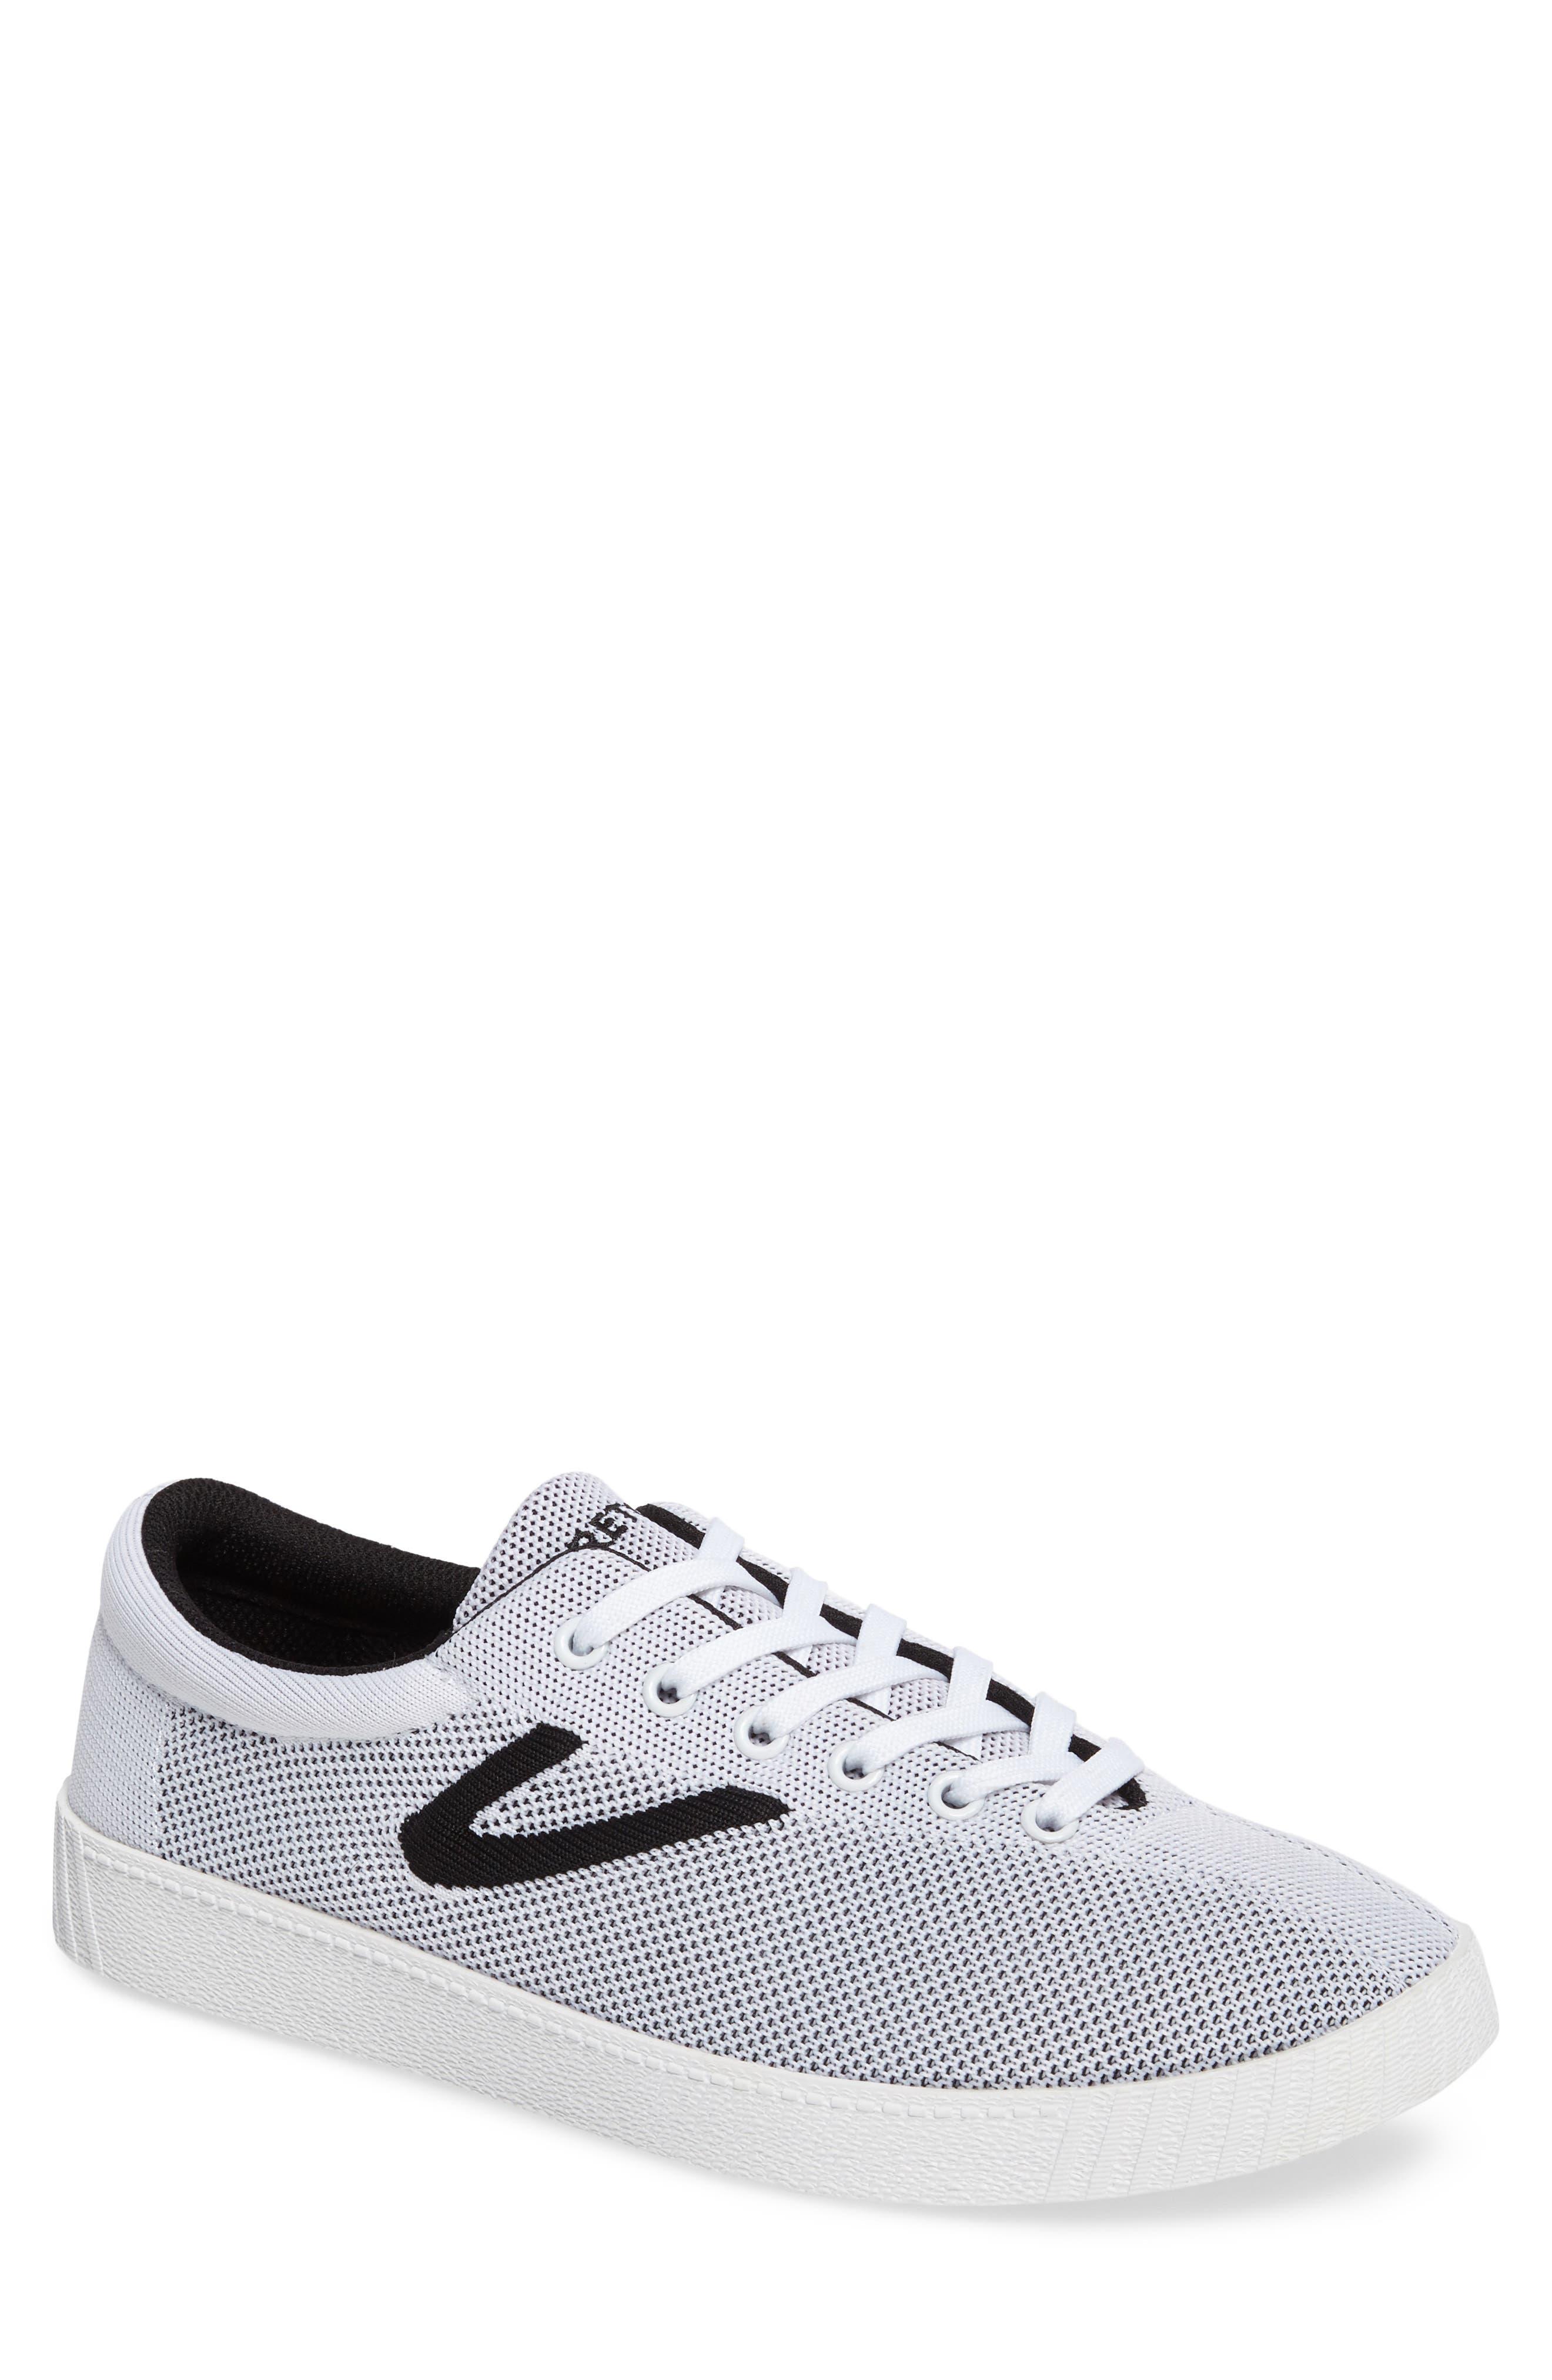 Alternate Image 1 Selected - Tretorn Nylite Knit Sneaker (Men)